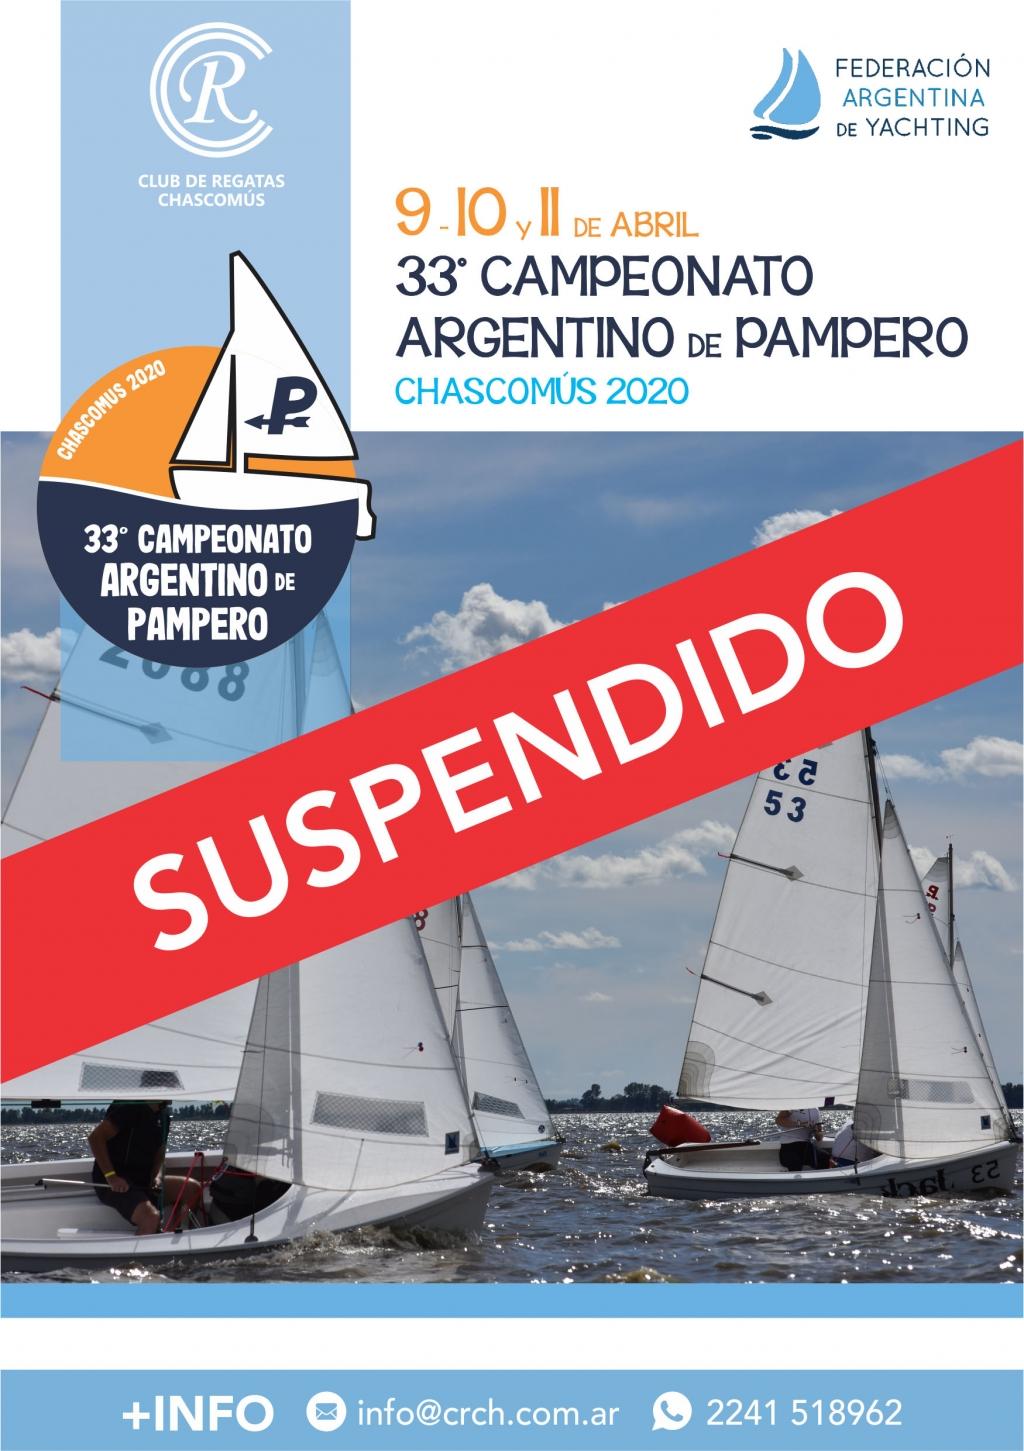 Modificatorio Campeonato Argentino de Pampero 2020